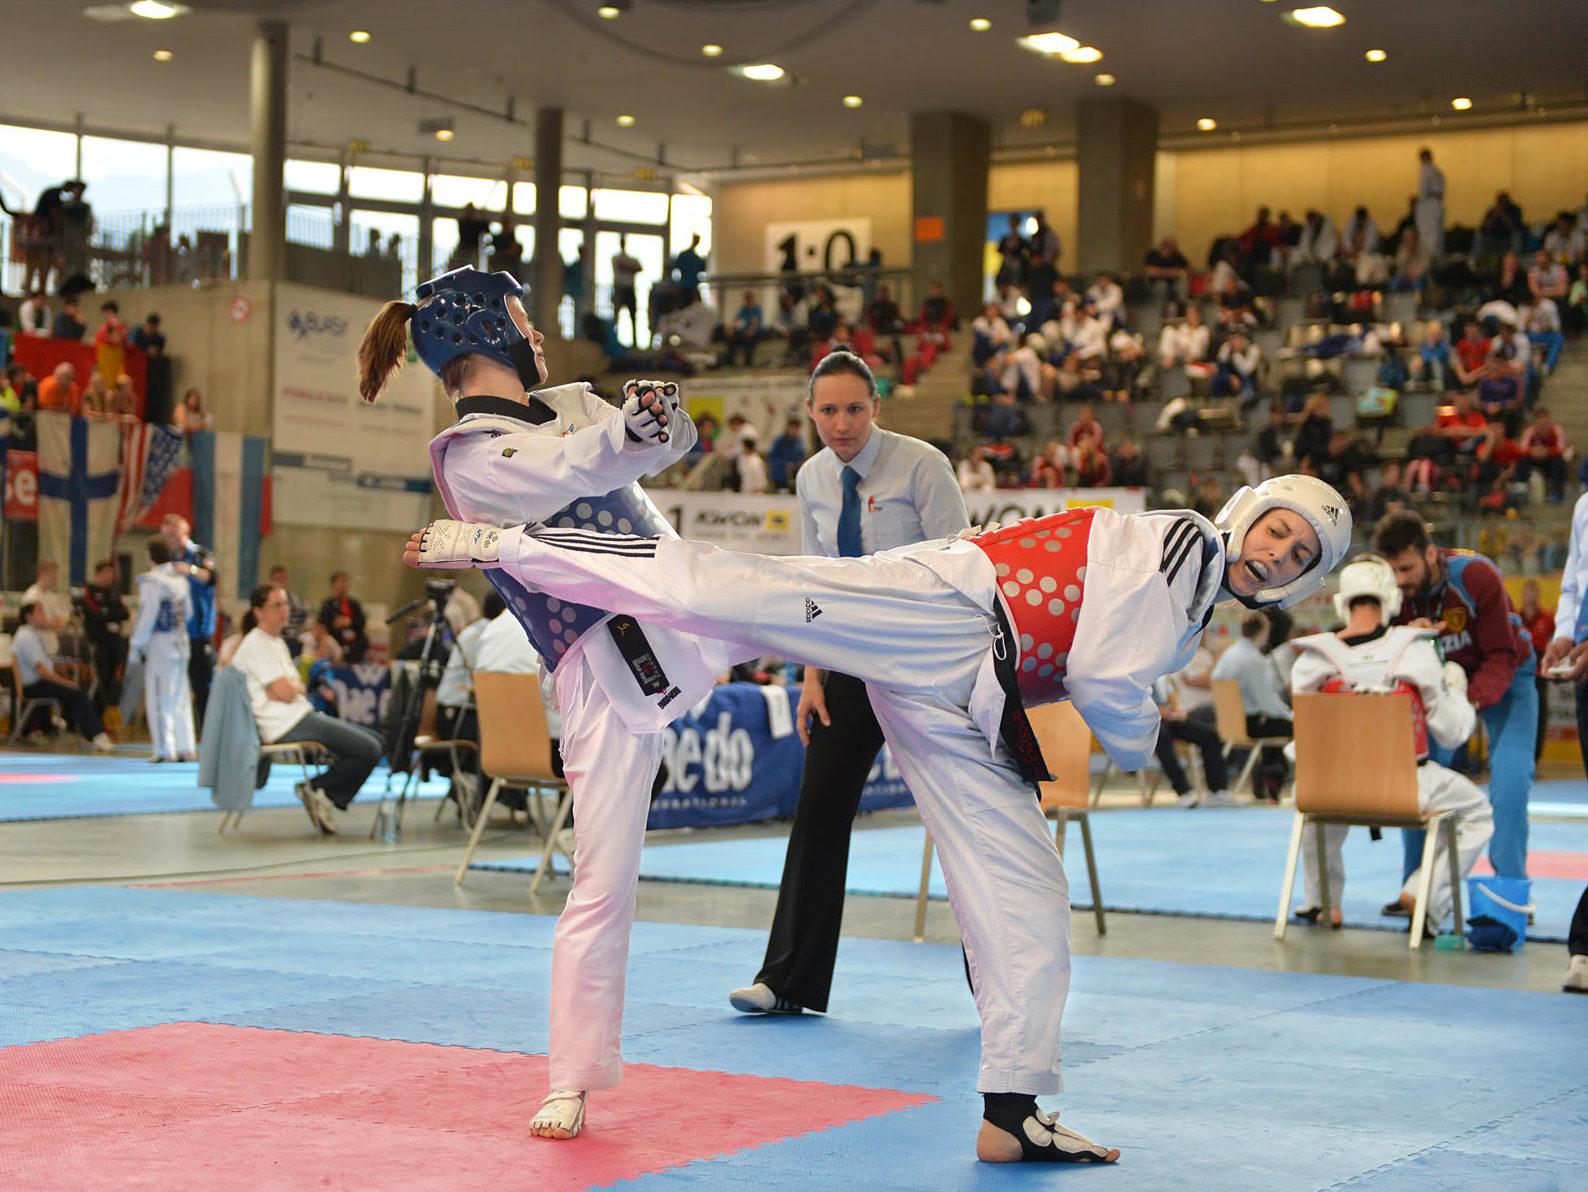 Wechamp athlete haut niveau taekwondo clara mallien activité team building entreprise